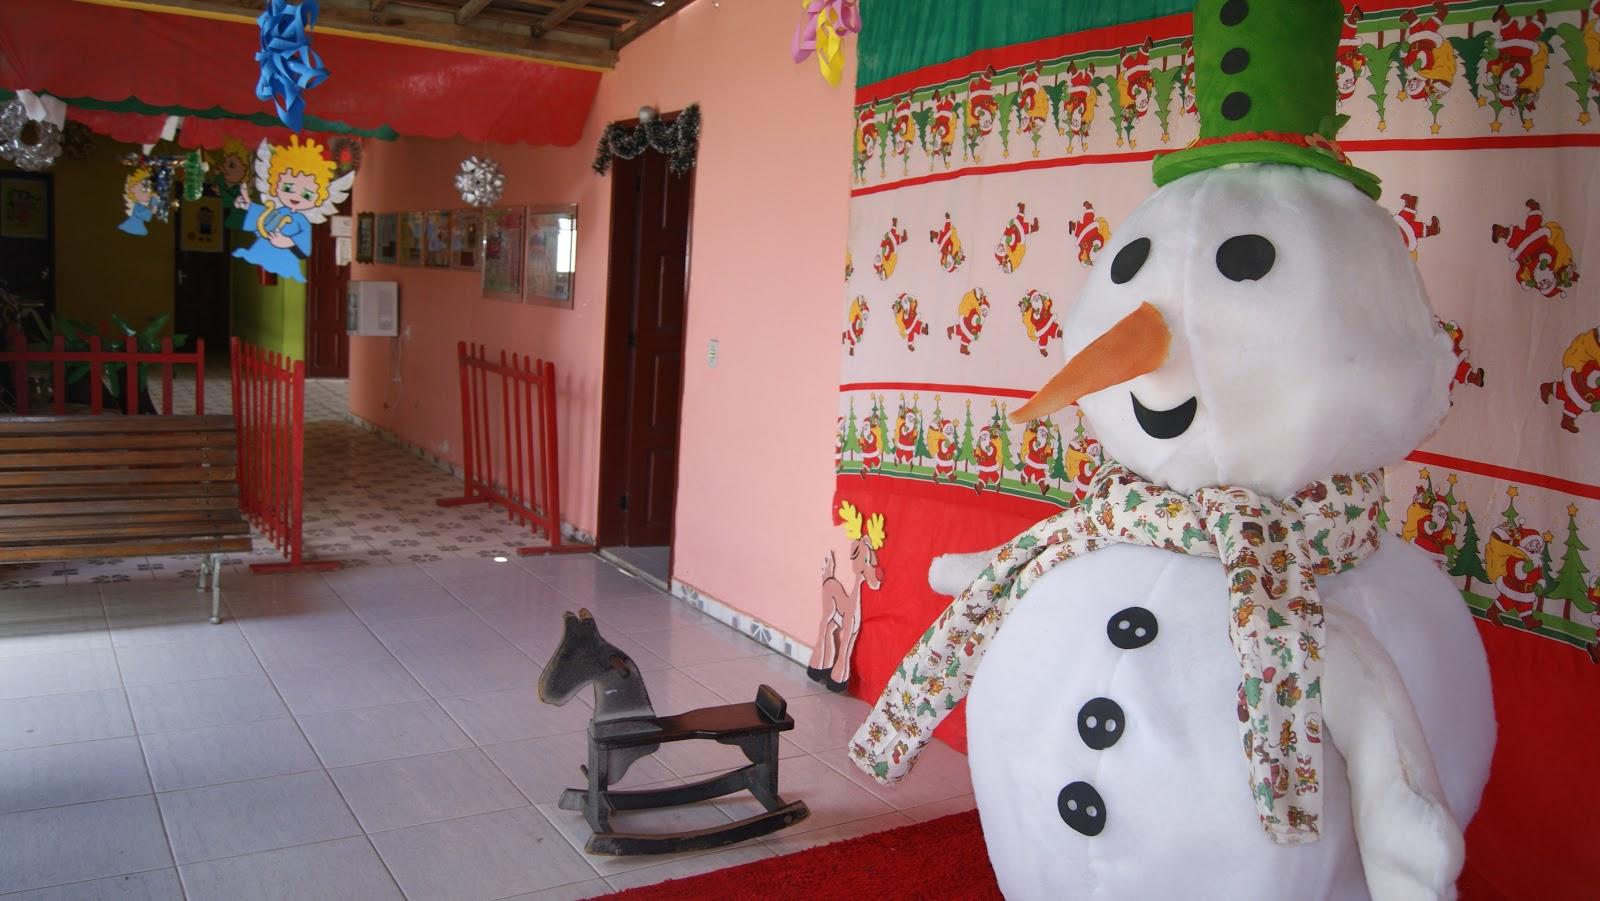 decoracao natalina para ambientes pequenos:Ideal Colégio e Curso: Decoração Natalina- Educação Infantil